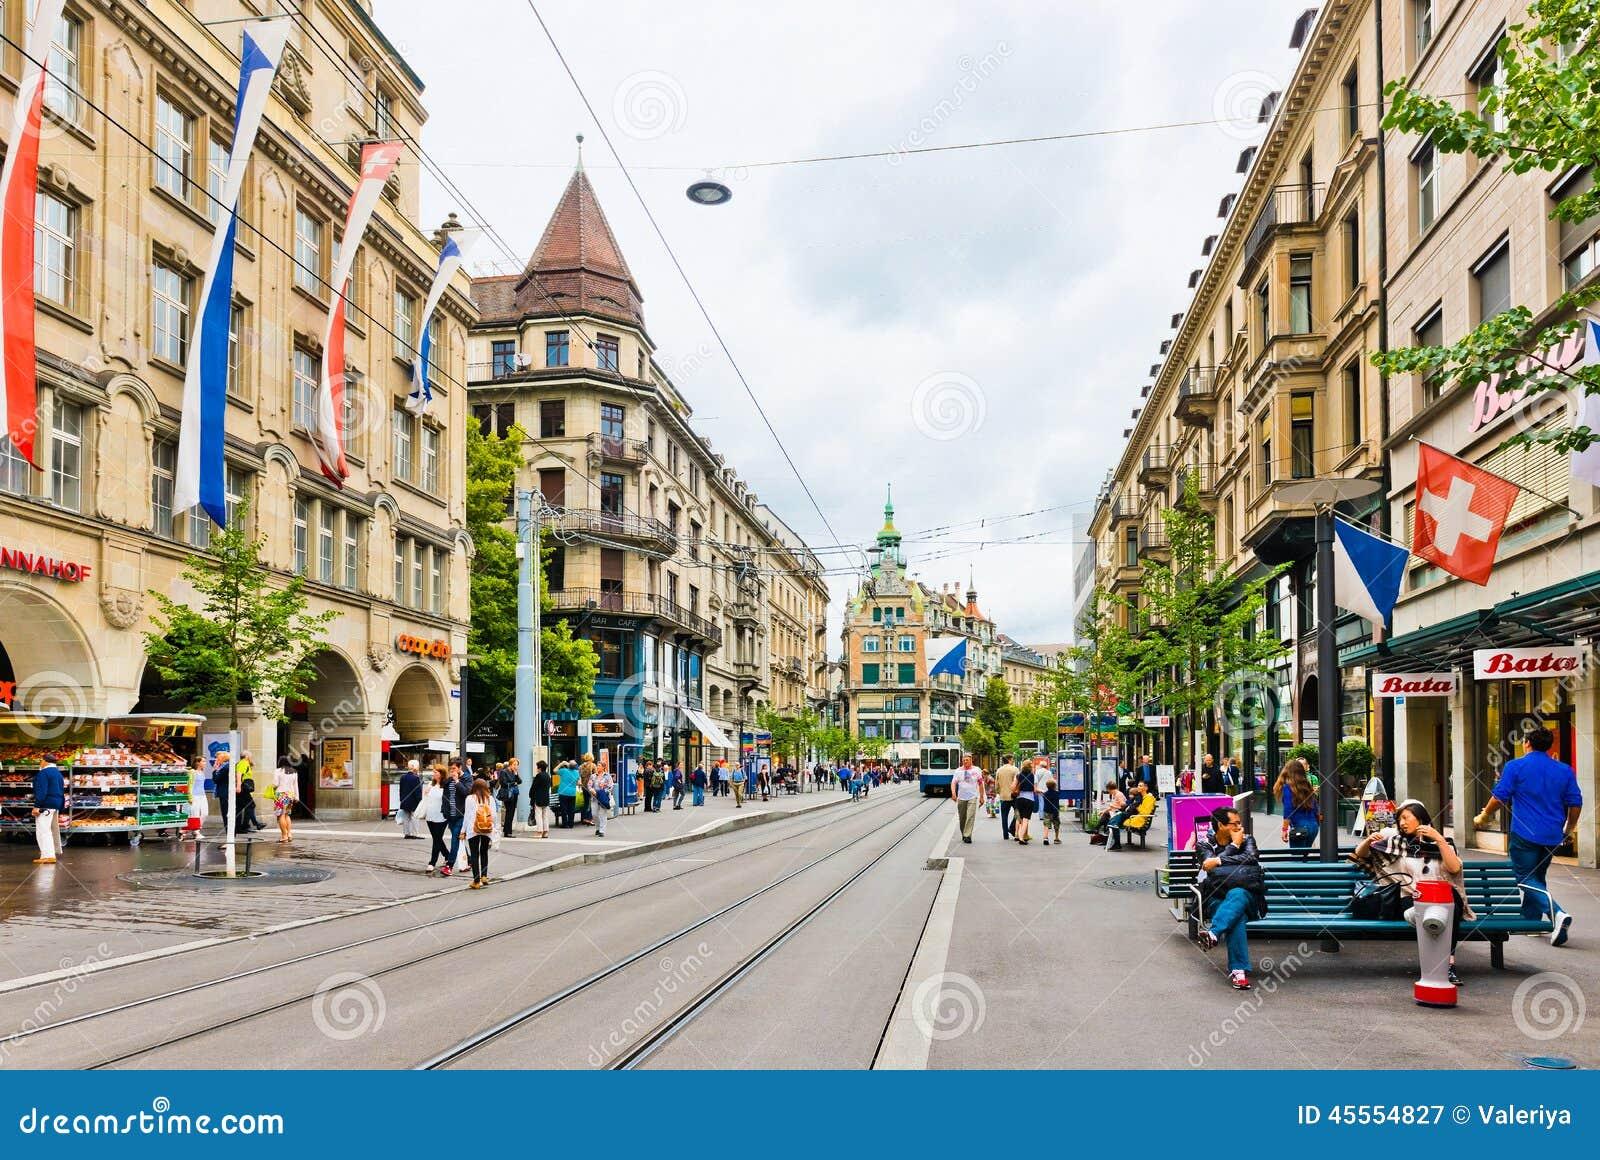 Vue de rue zurich suisse zurich est la plus grande for Piscine zurich